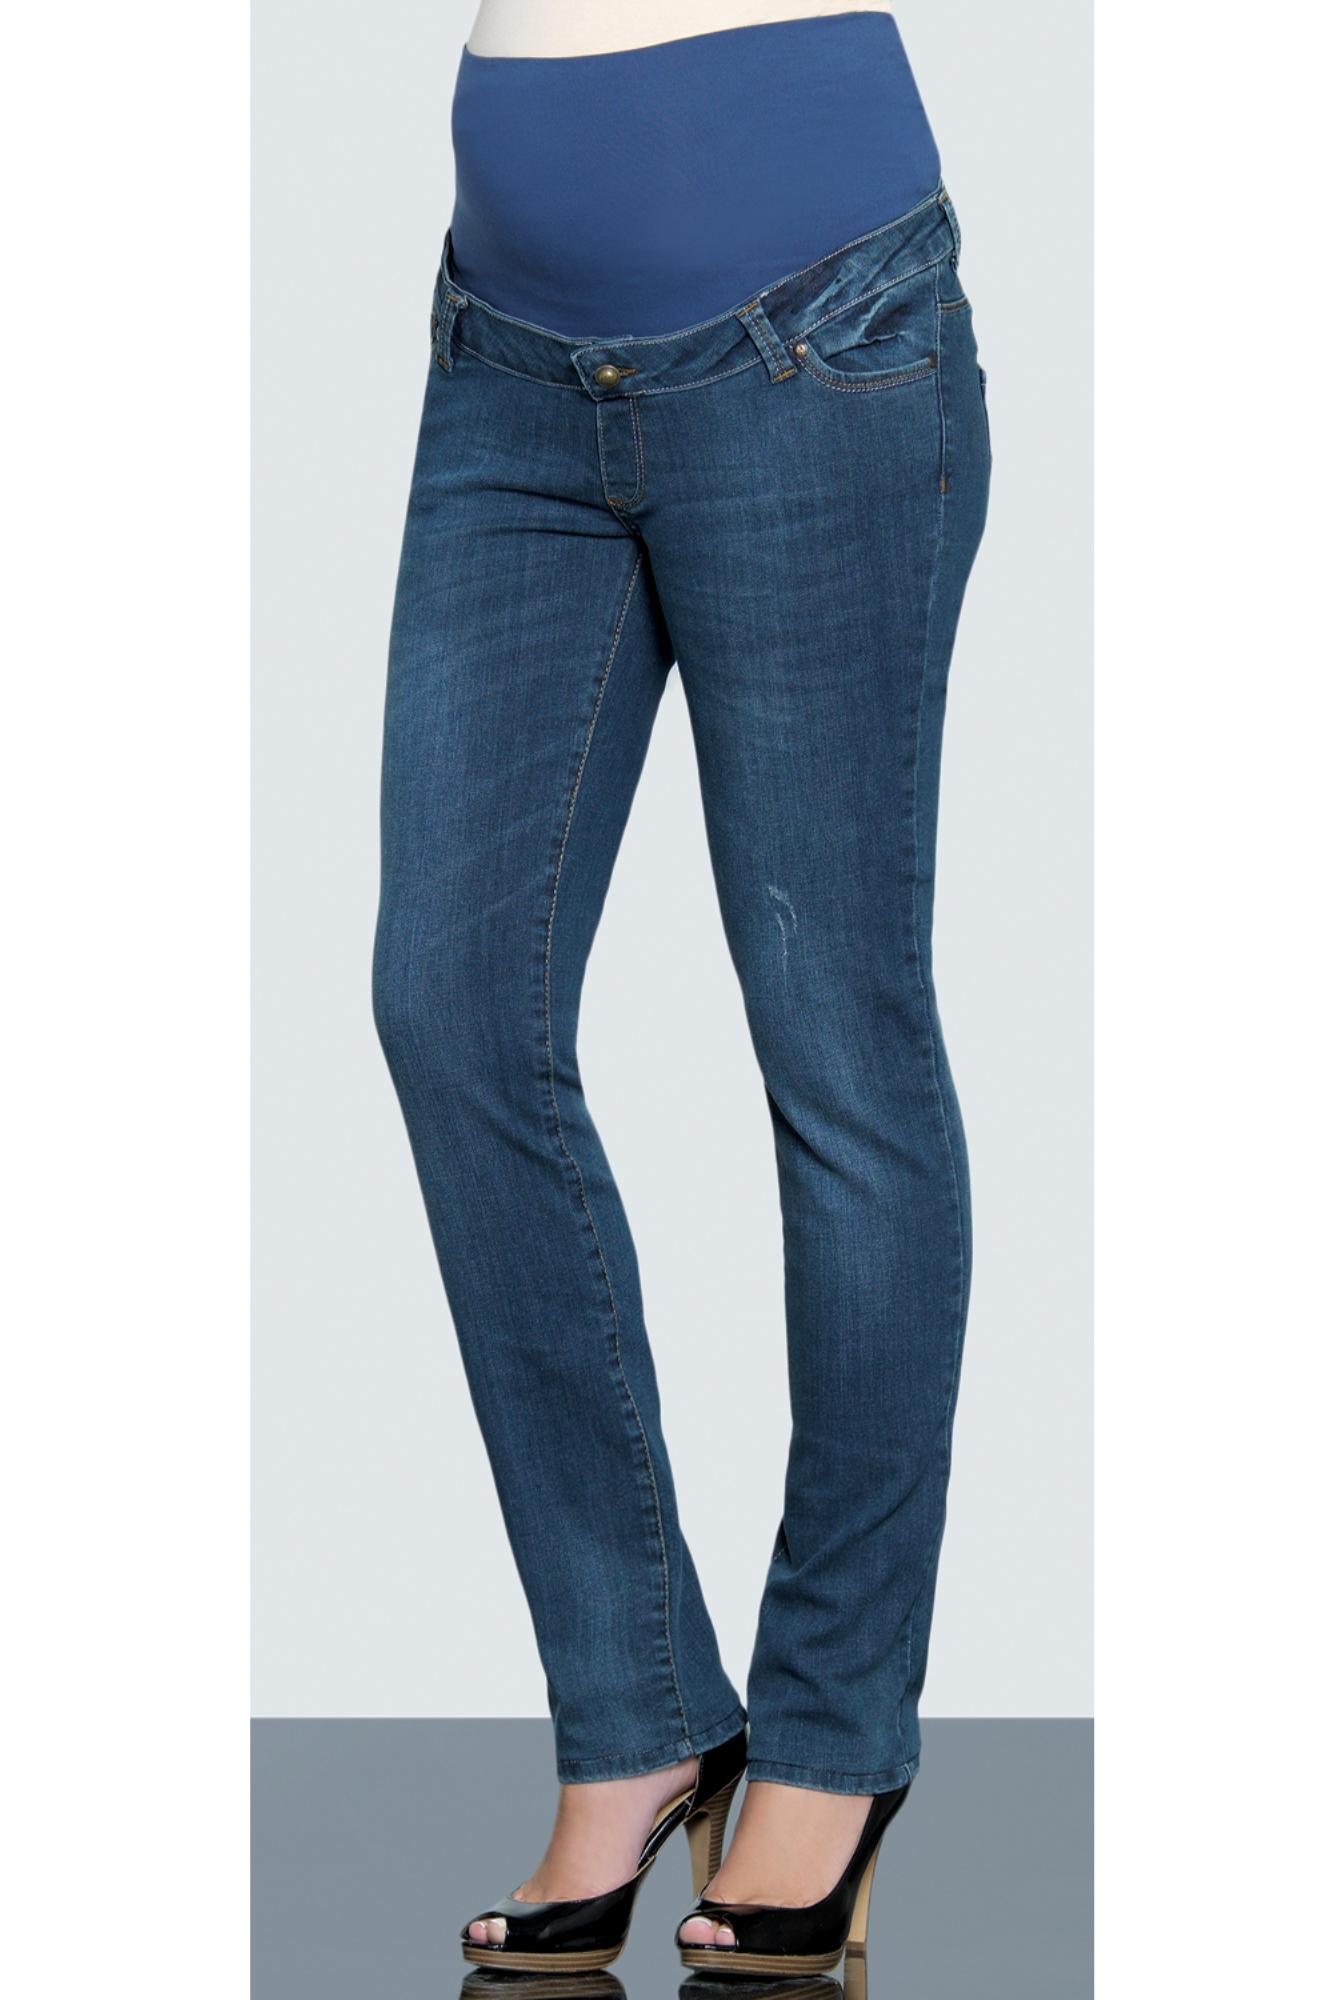 Фото джинсы для беременных EBRU, зауженные, средняя посадка, плотный эластичный деним от магазина СкороМама, синий, размеры.